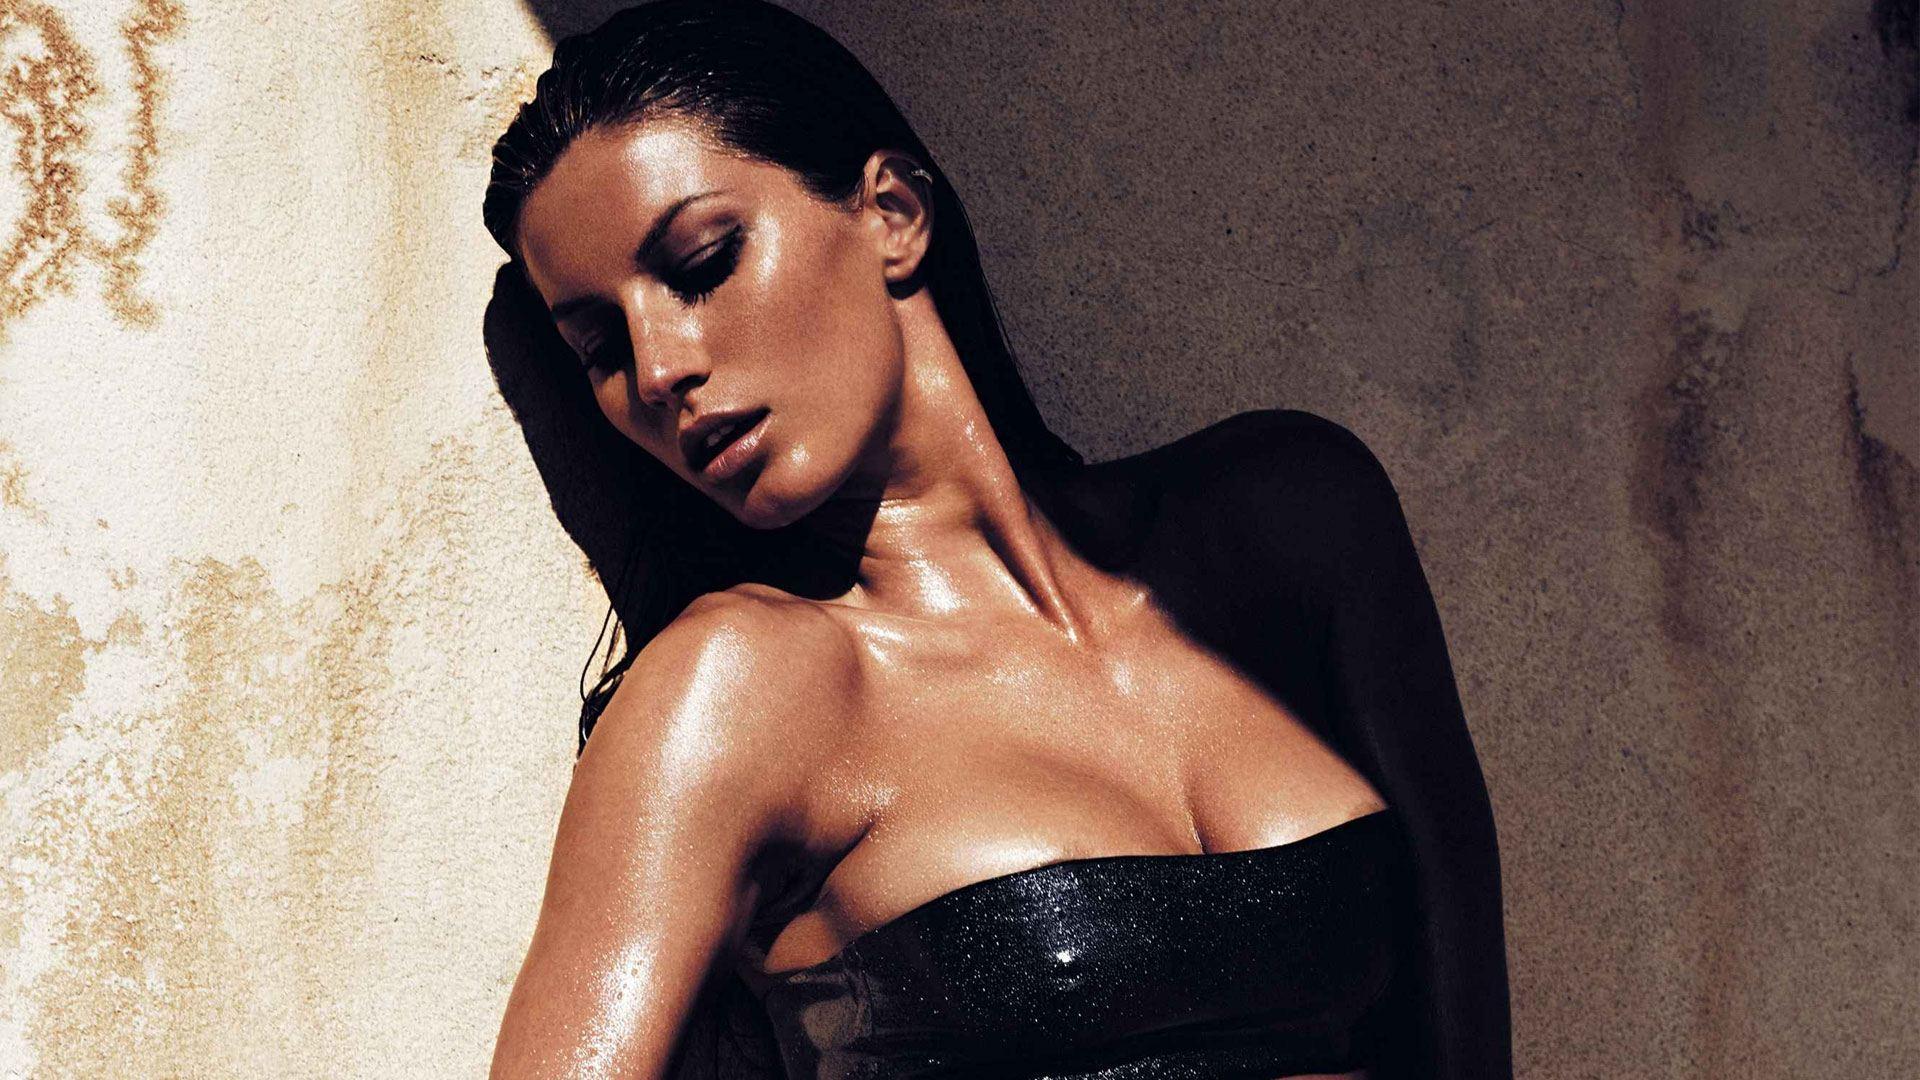 Голая грудь женщин - 67 фото. Буфера сексуальных дам. Эро Интим Фото